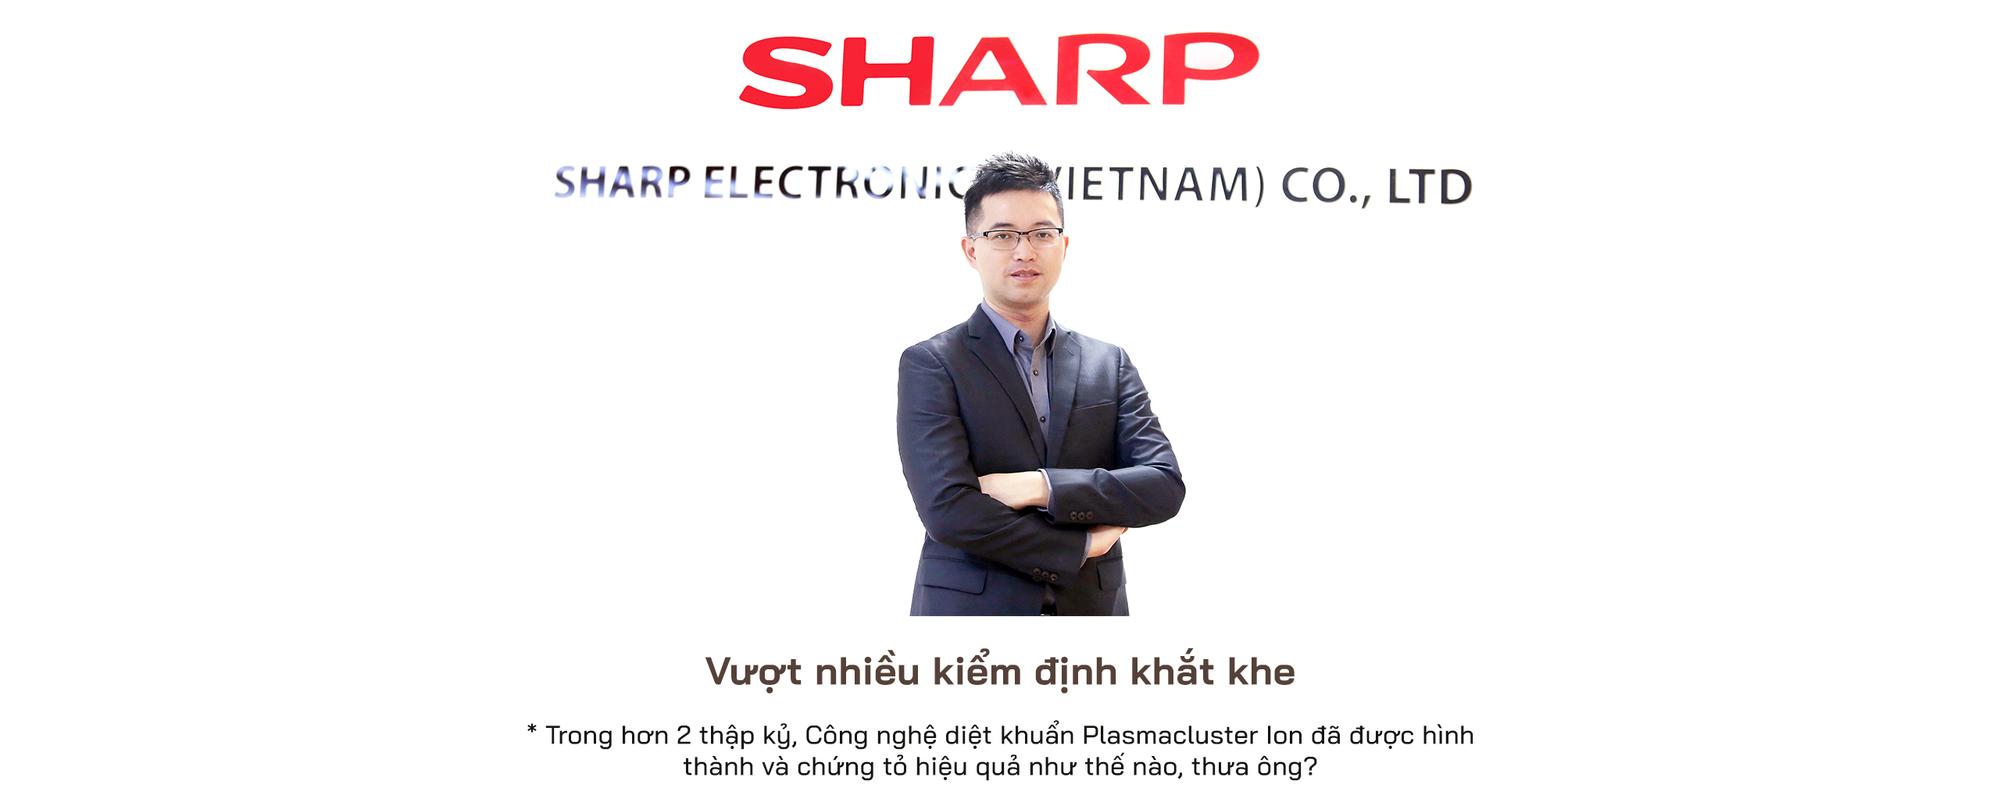 Phó tổng giám đốc Sharp Việt Nam: Chúng tôi chỉ hạnh phúc khi mang hạnh phúc đến cho người dùng - Ảnh 2.